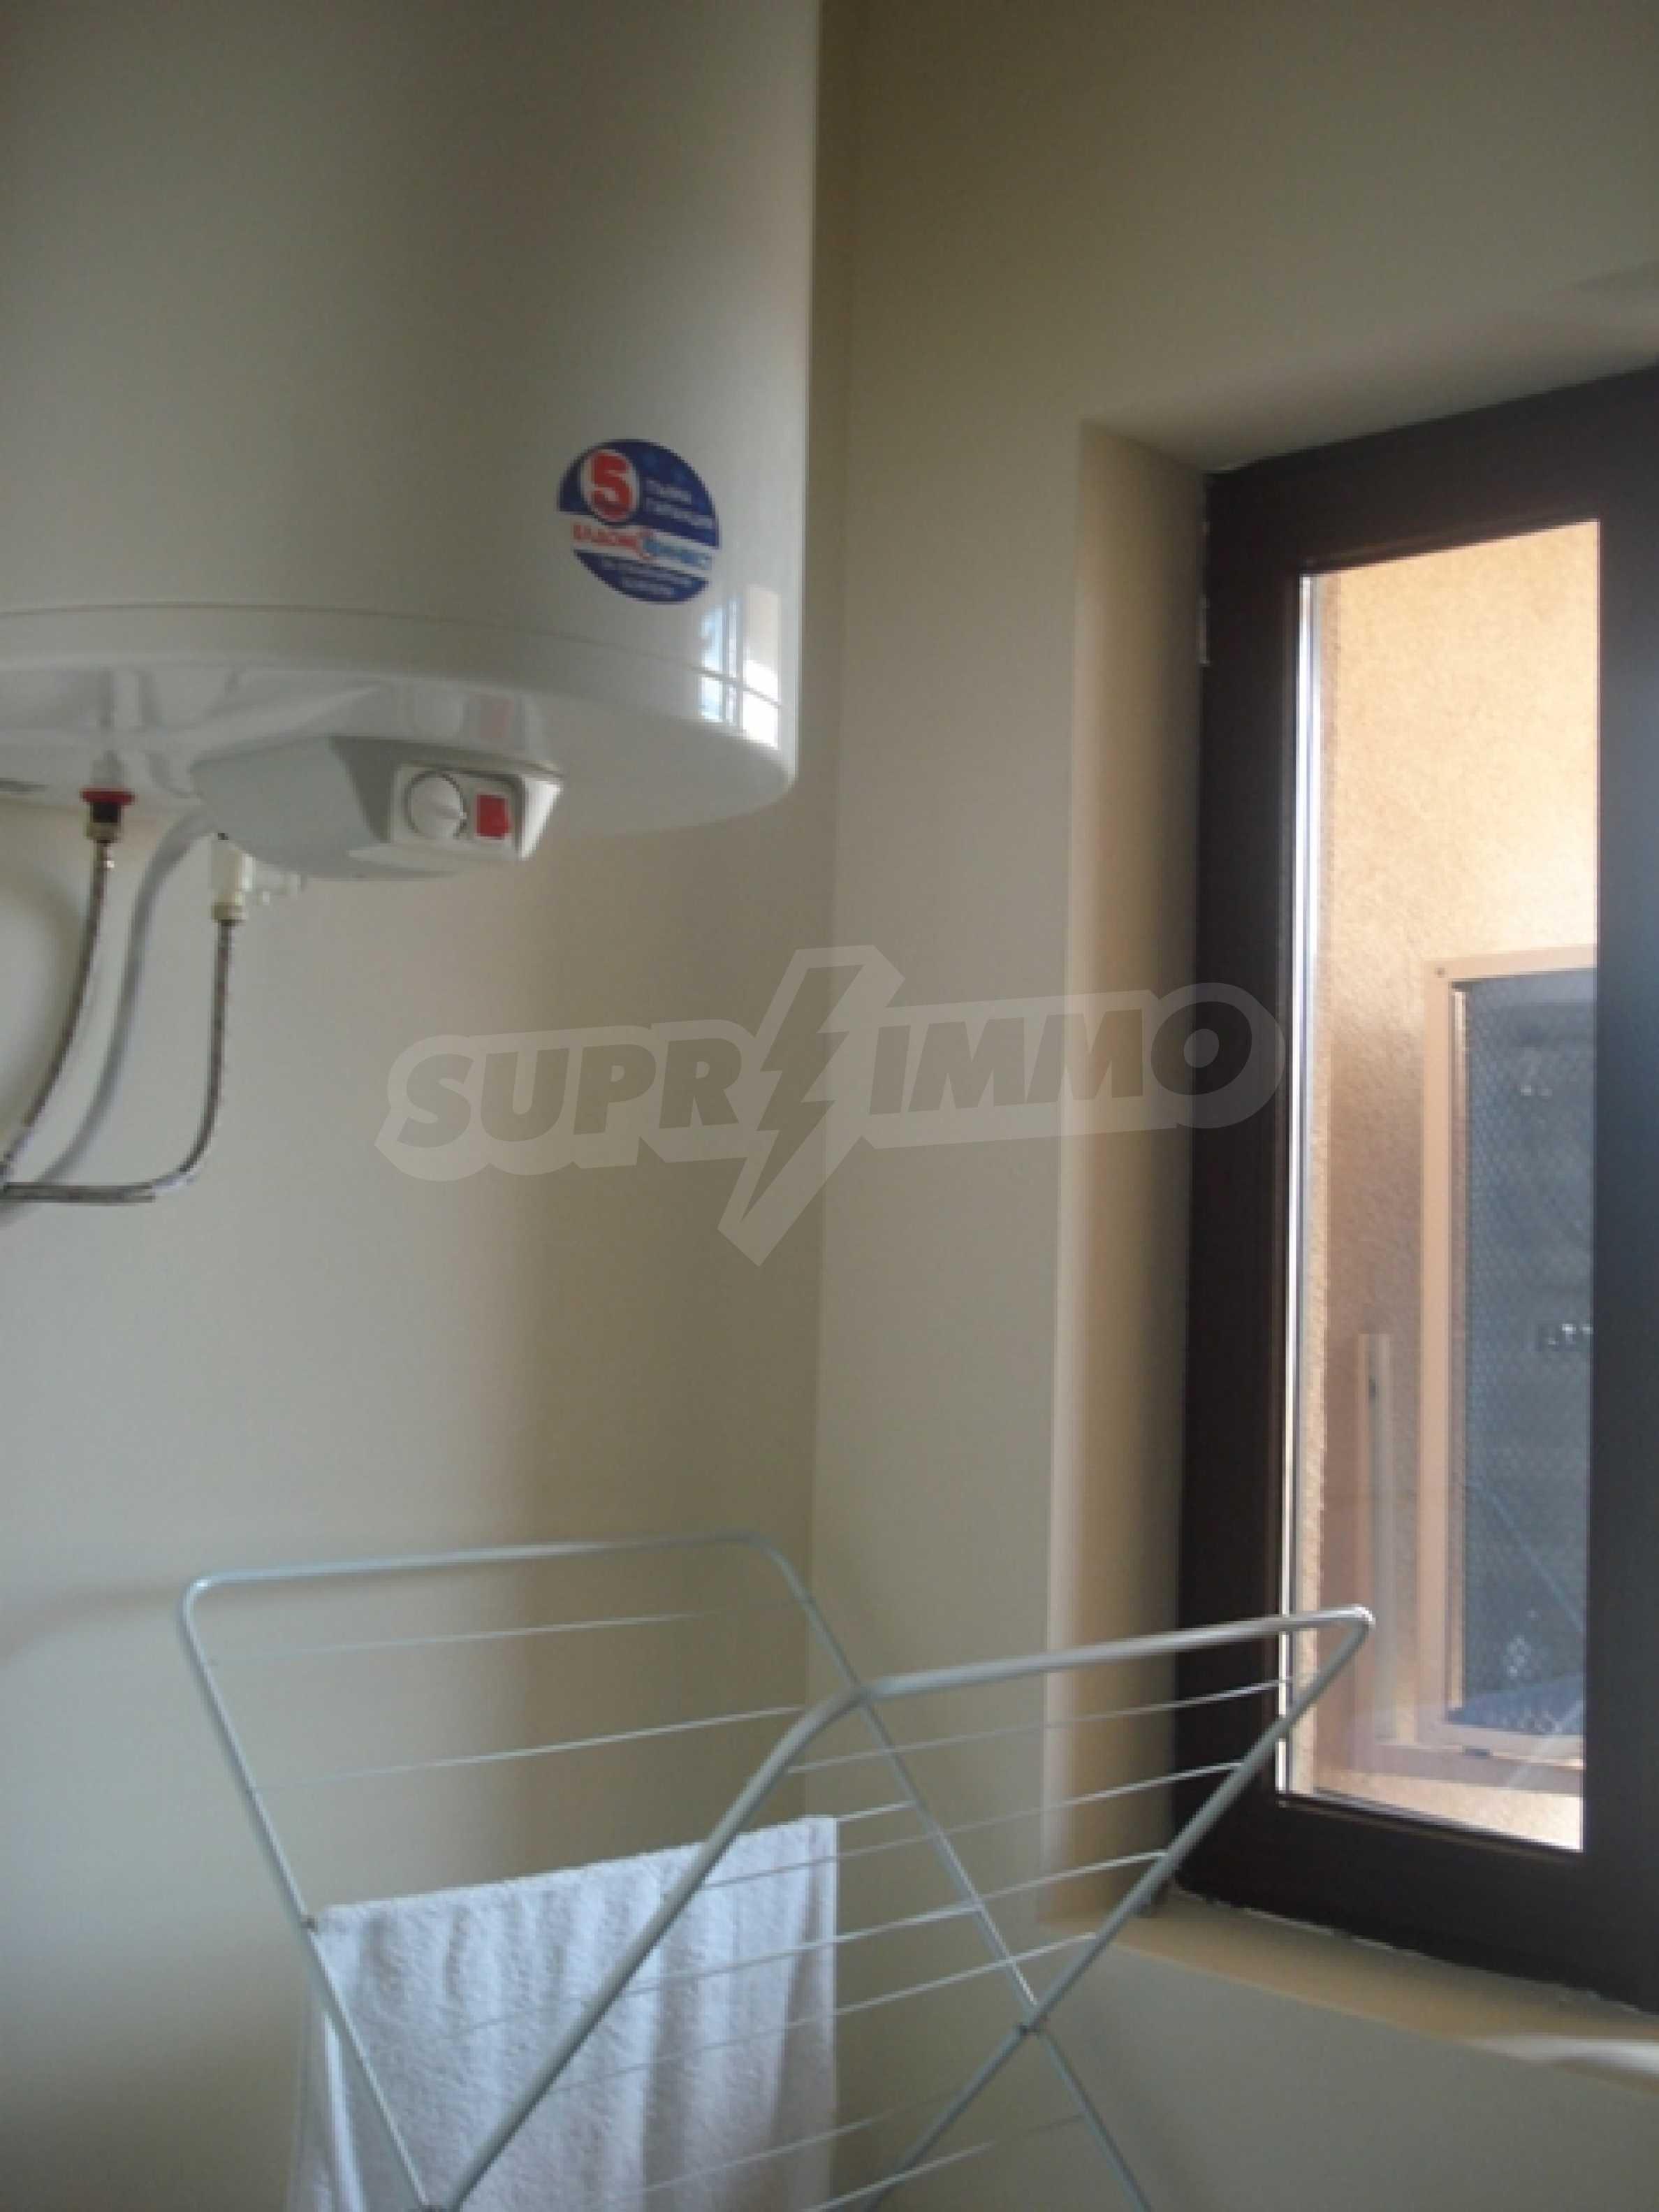 Апартамент в центре комплекса «Калиакрия Голф Резорт», в 55 км от Варны 12